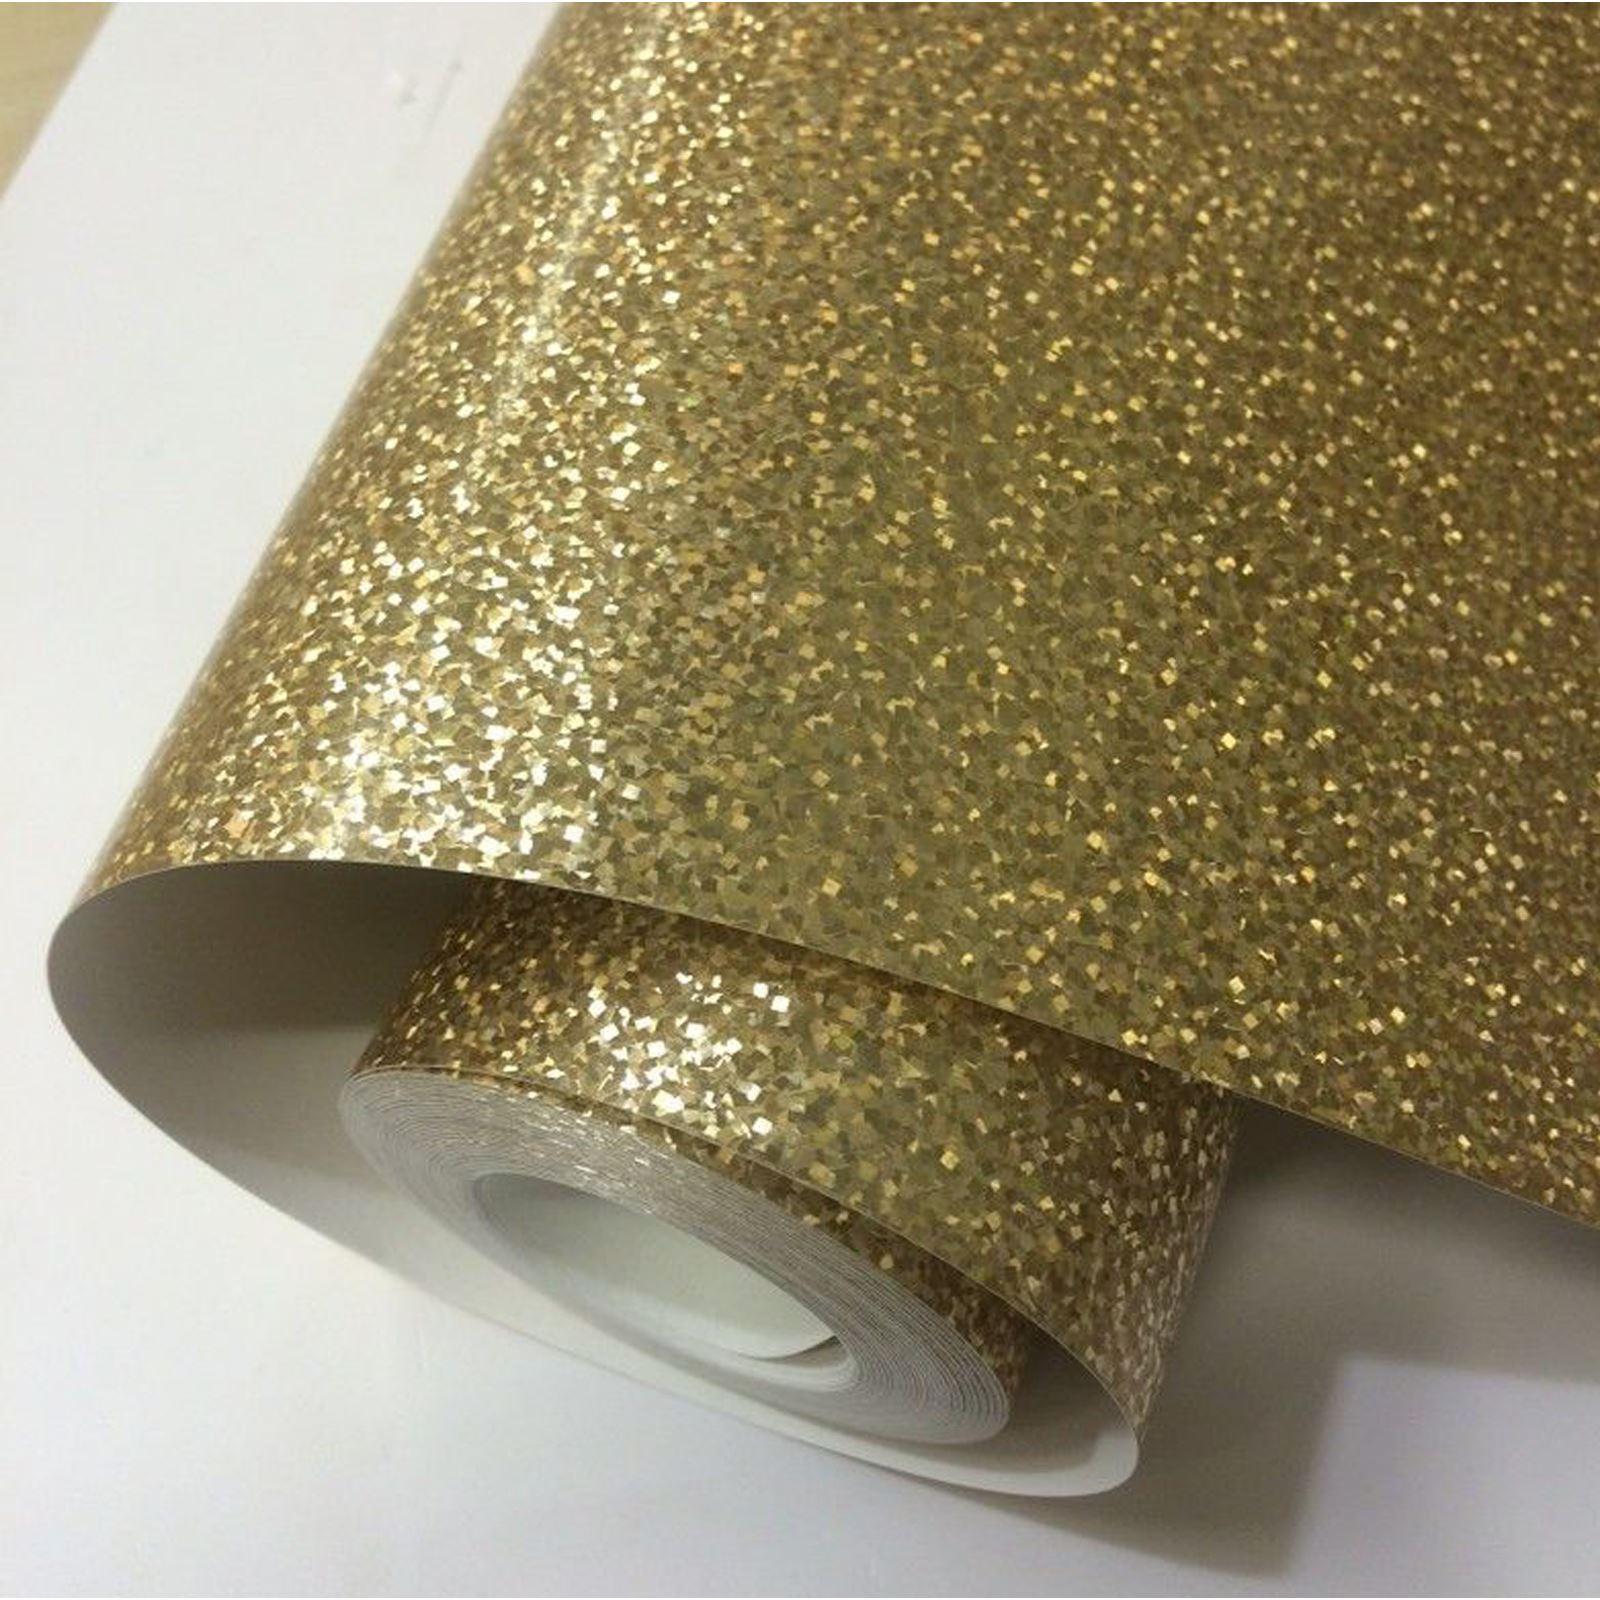 holografisch glitzer tapete rolls silber gold rosa fine. Black Bedroom Furniture Sets. Home Design Ideas